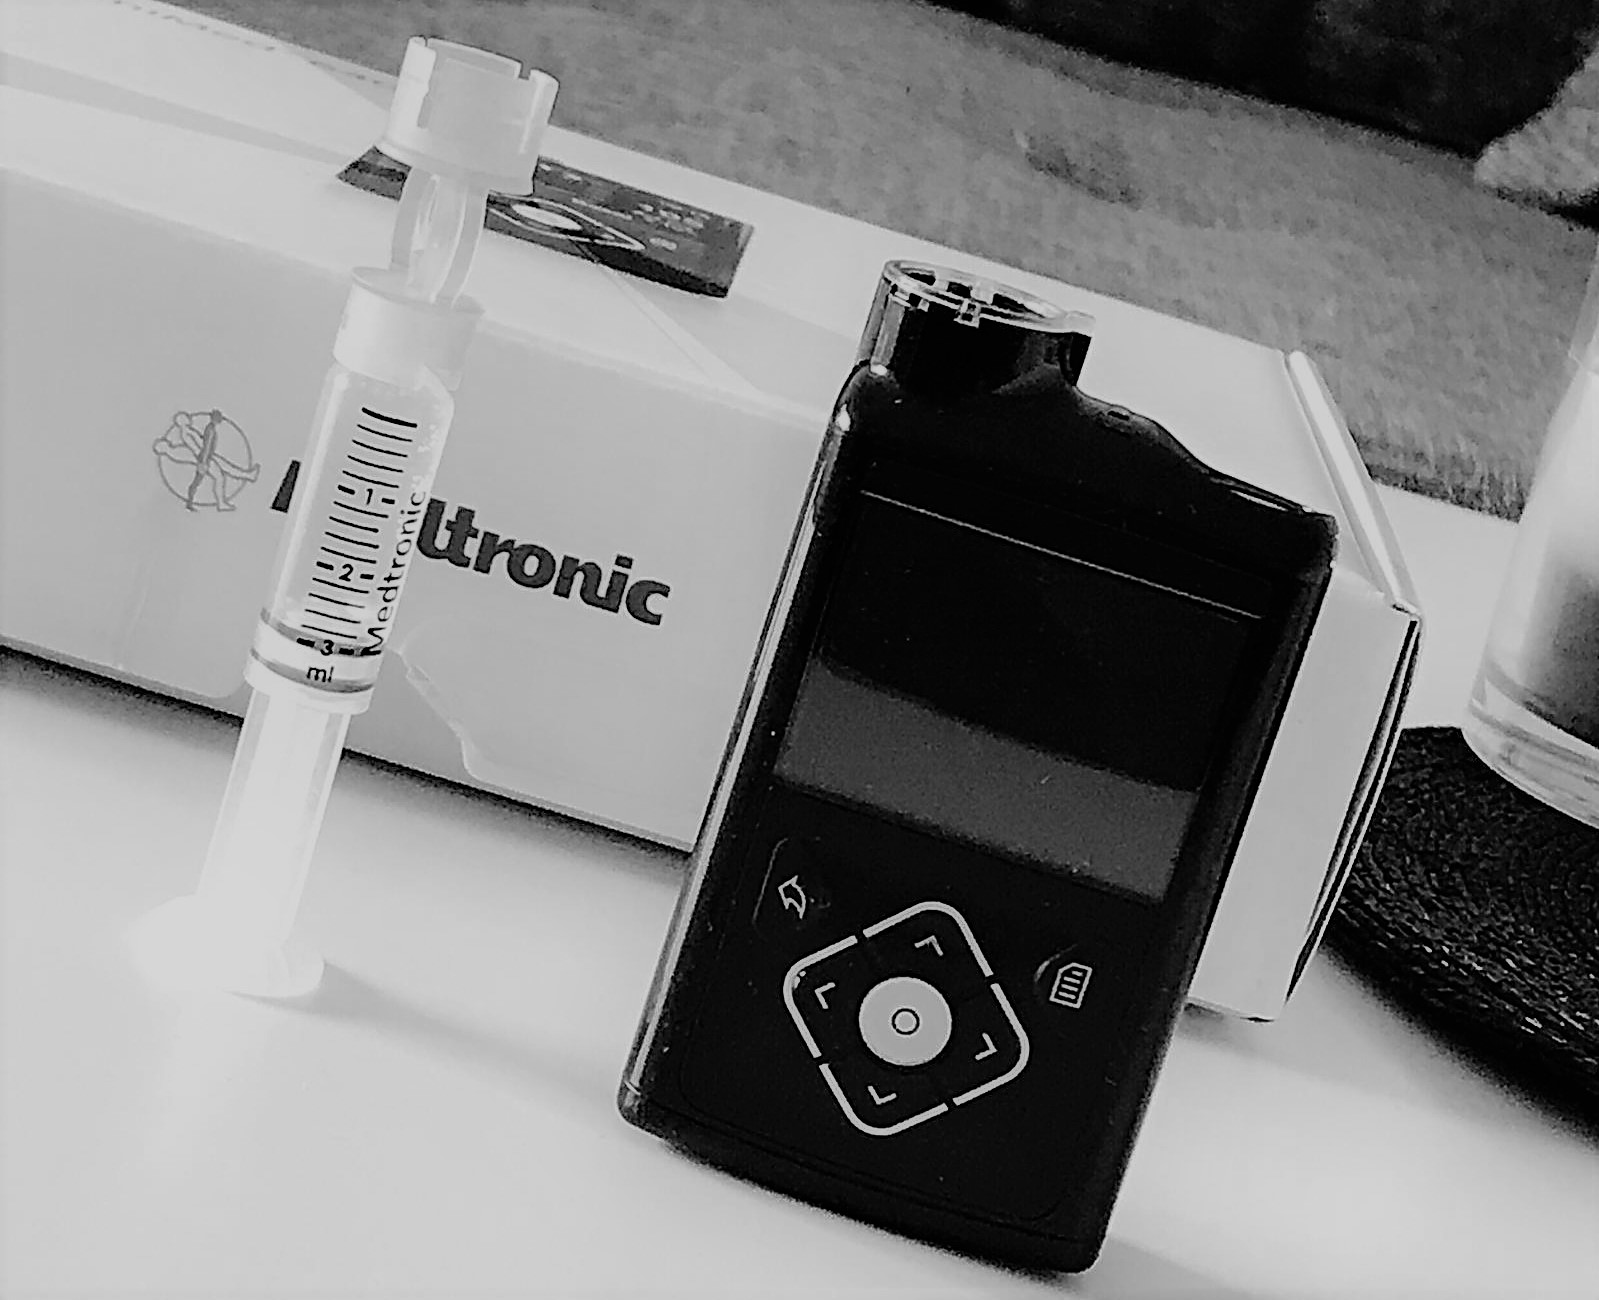 #implantfiles – Angst vor Insulinpumpen als Geschäft: Die Süddeutsche Zeitung ist ein renommiertes Presseorgan in Deutschland. In gewisser Weise halten sie das Fähnchen des klassischen Journalismus hoch und investieren noch in investigative Stories. Die aktuelle Enthüllung läuft unter #implantfiles und fokussiert mehrere Medizinprodukthersteller. Deren Produkte sollen Menschen geschadet haben, anstatt ihnen zu helfen.